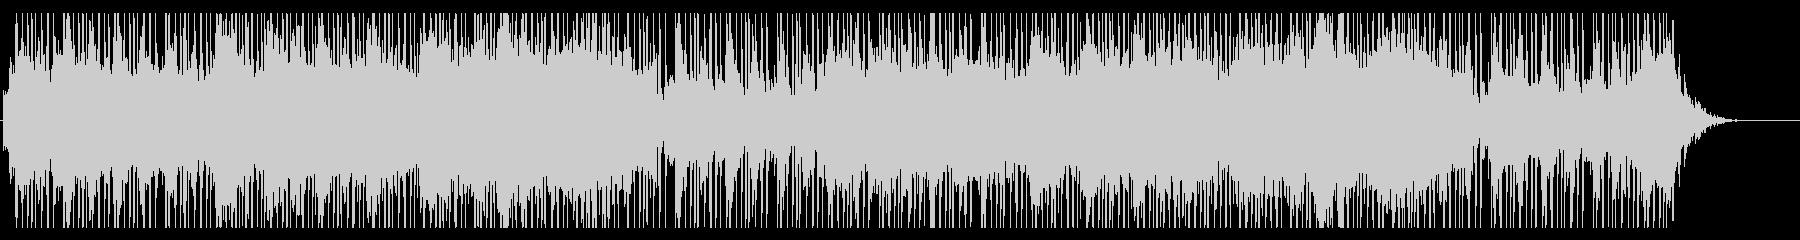 RPGの地下ダンジョンに合うローファイ曲の未再生の波形